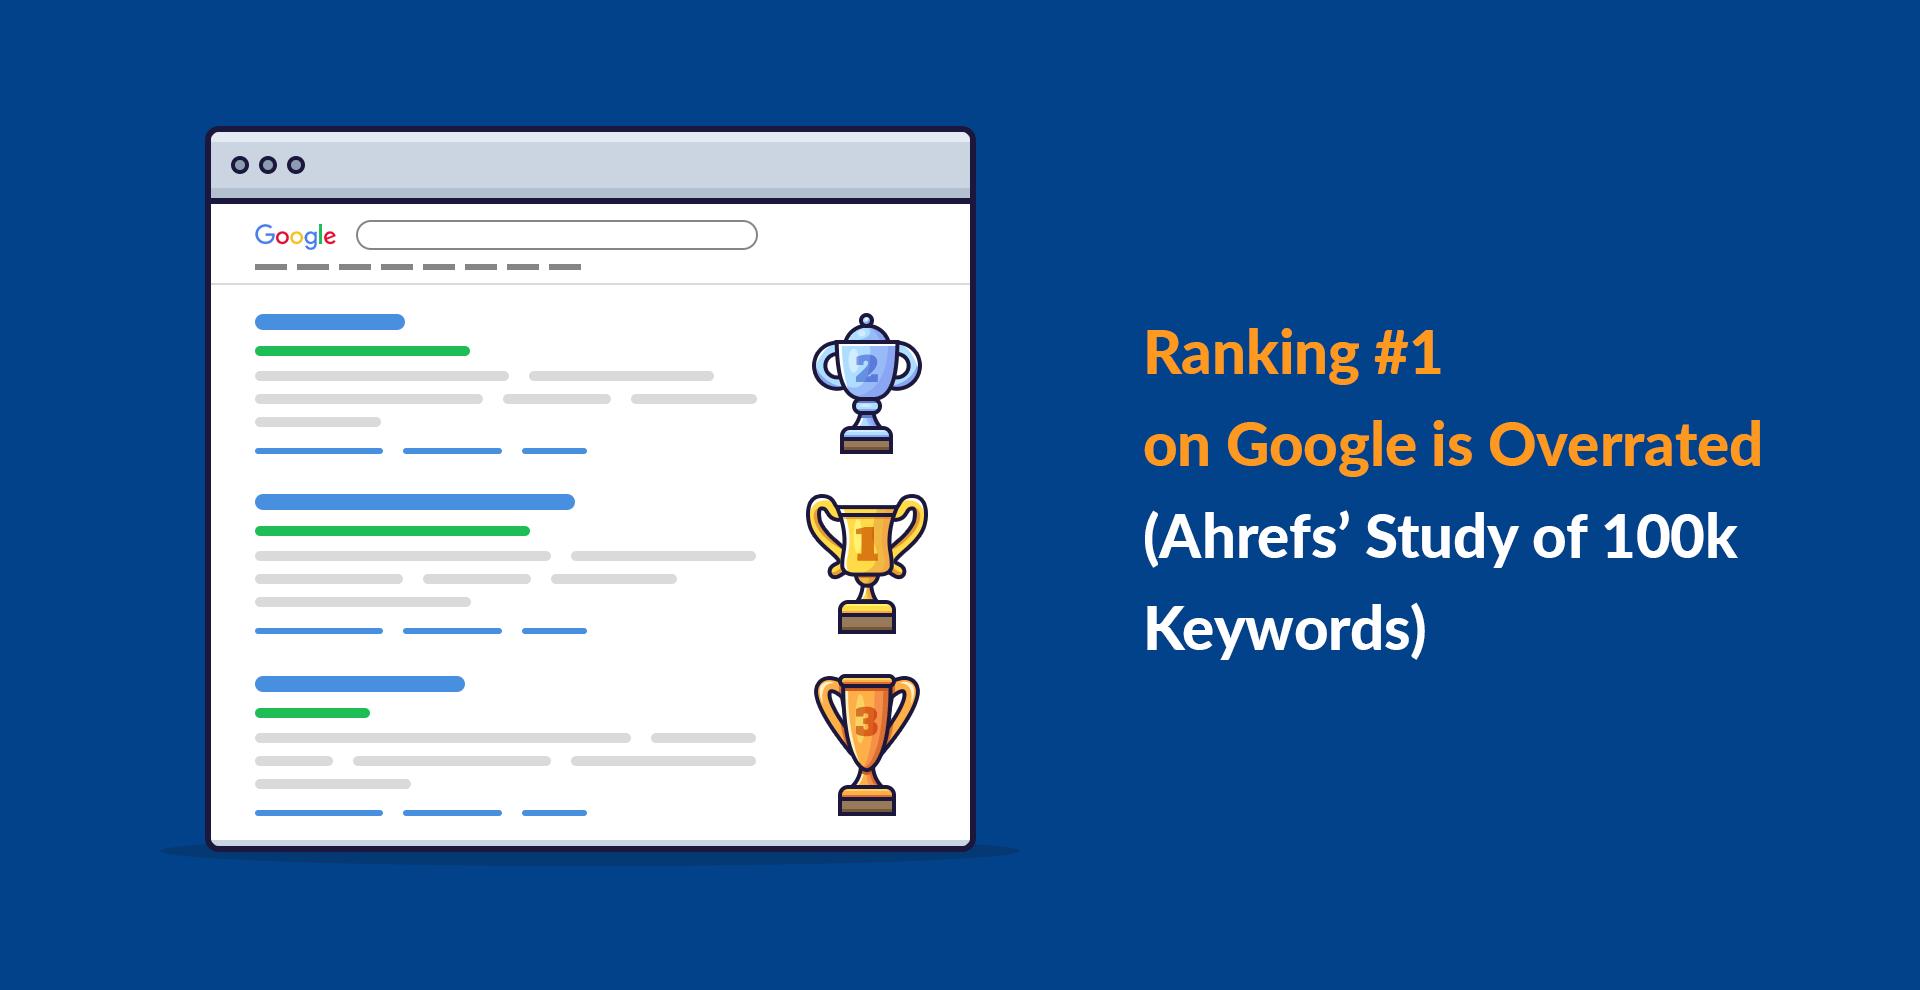 Le classement n ° 1 sur Google est surestimé (étude d'Ahrefs sur 100 000 mots-clés)